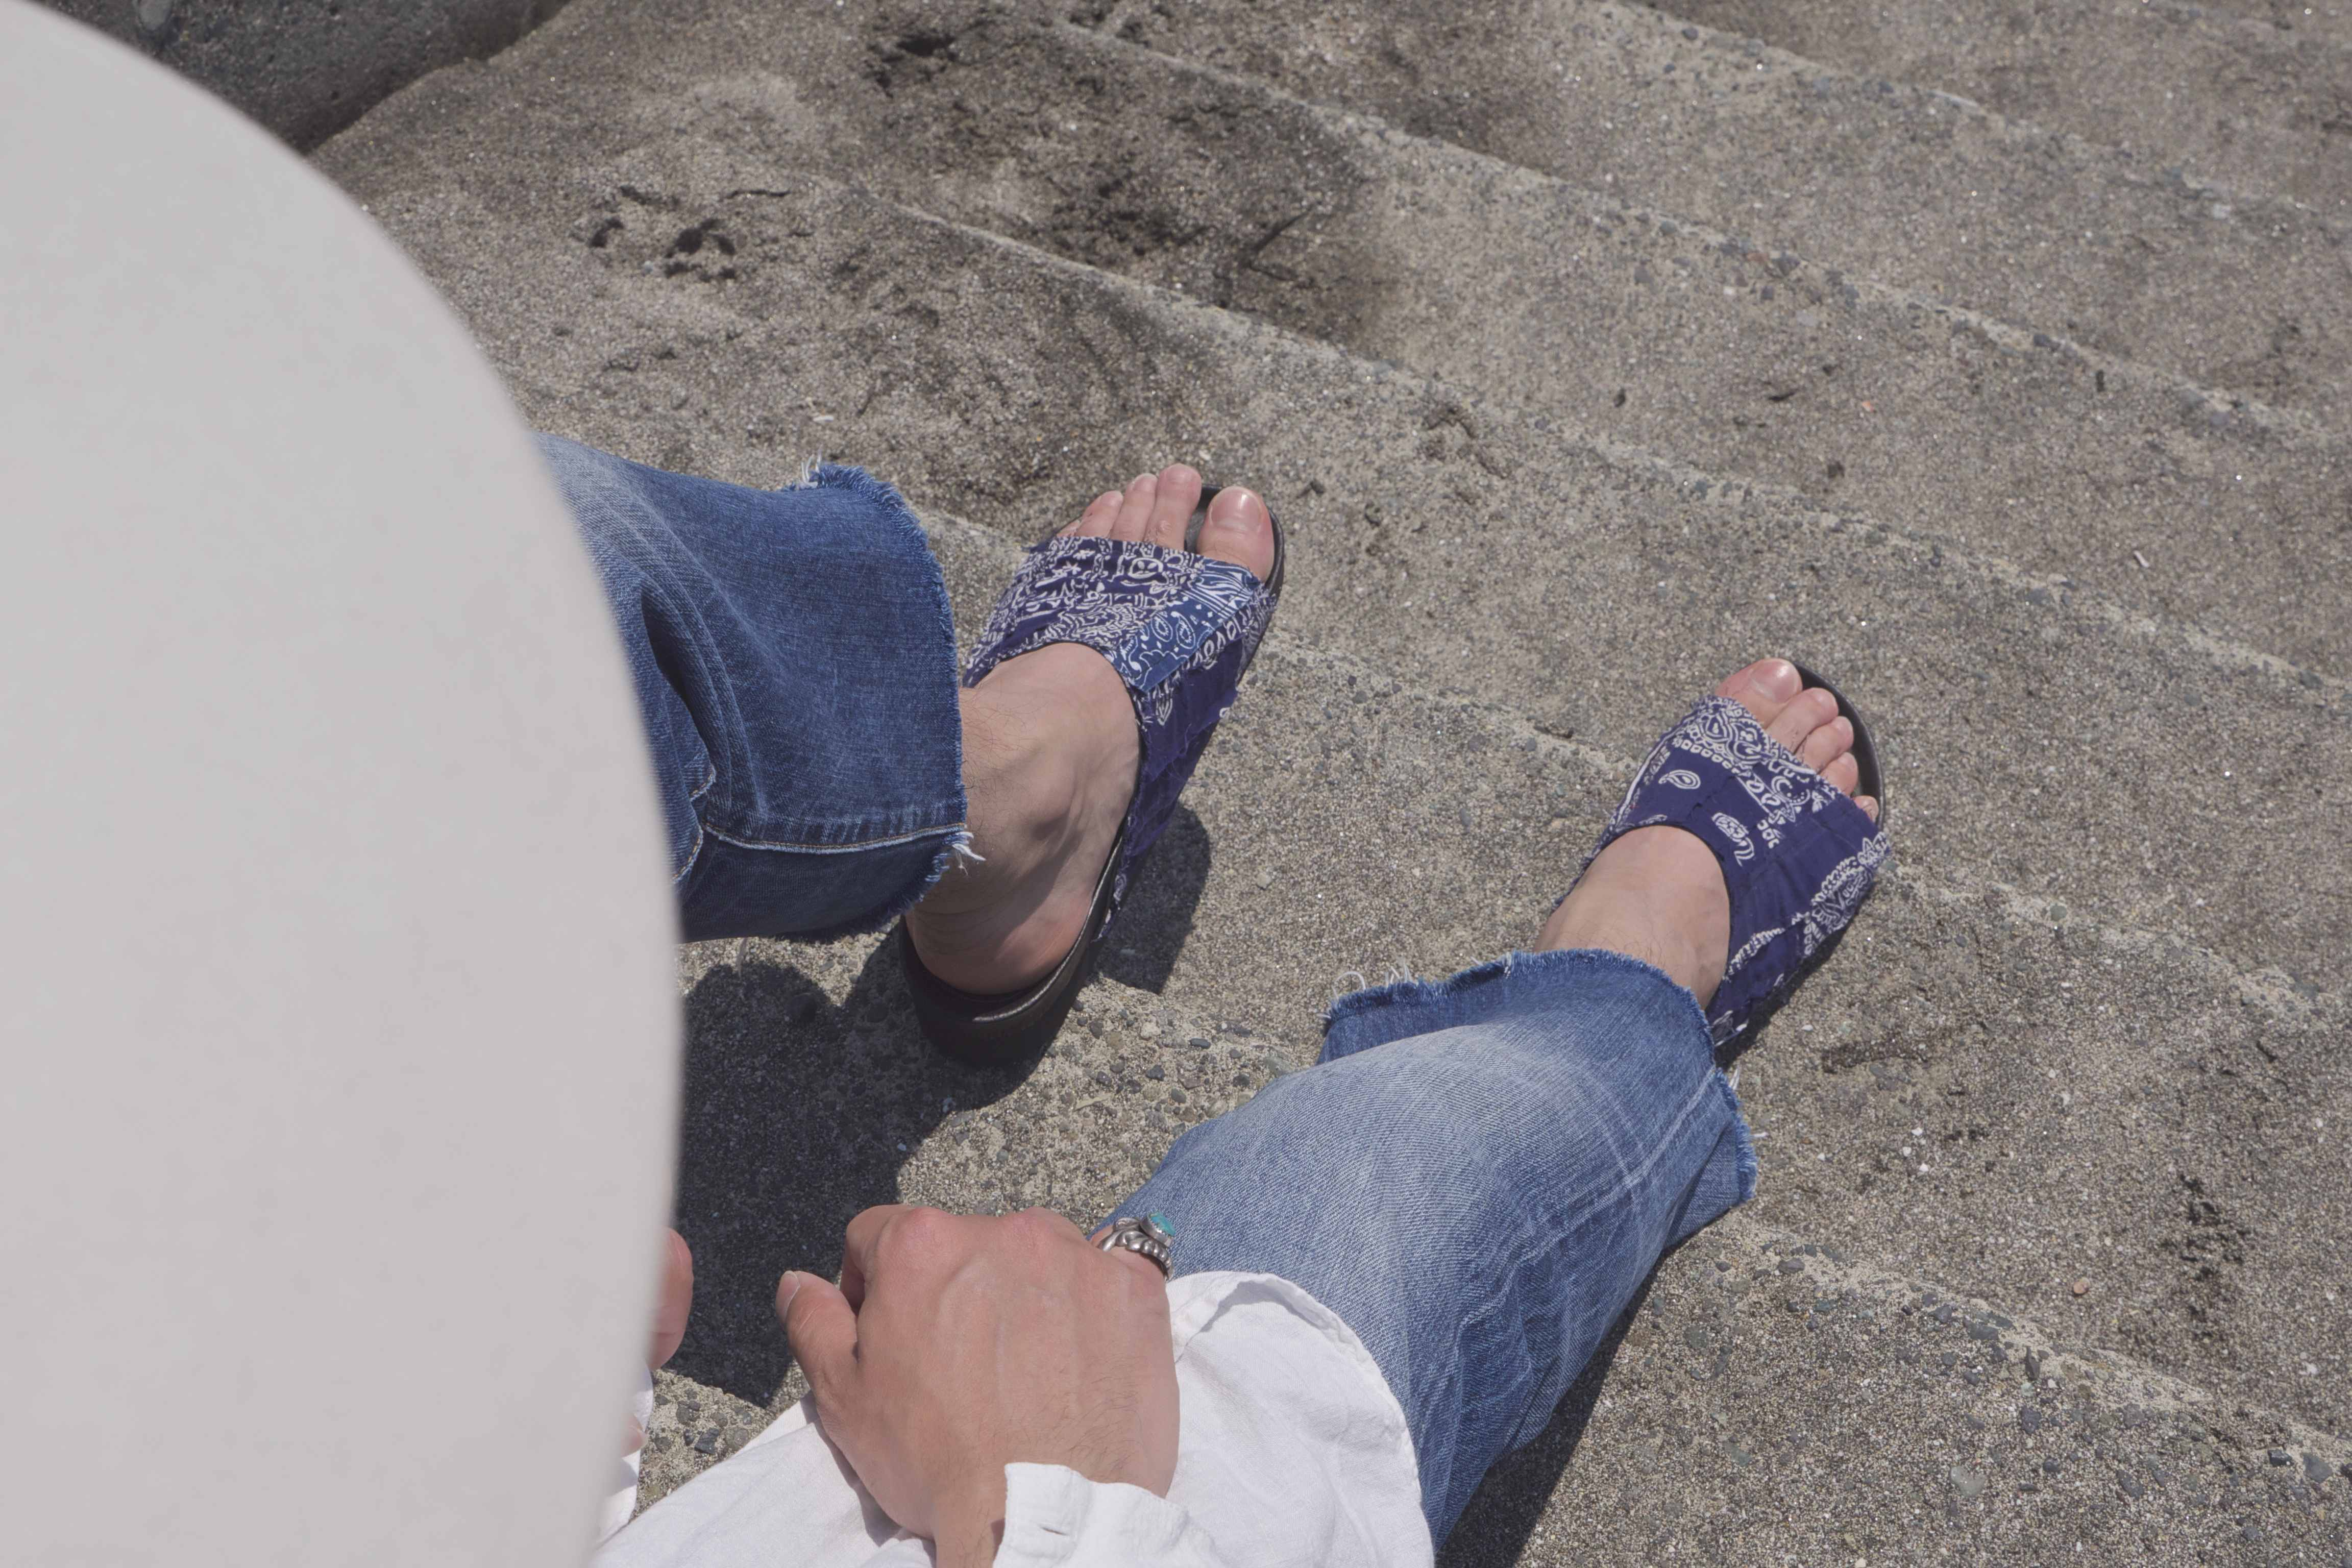 http://www.houyhnhnm.jp/news/images/_1070825.jpg